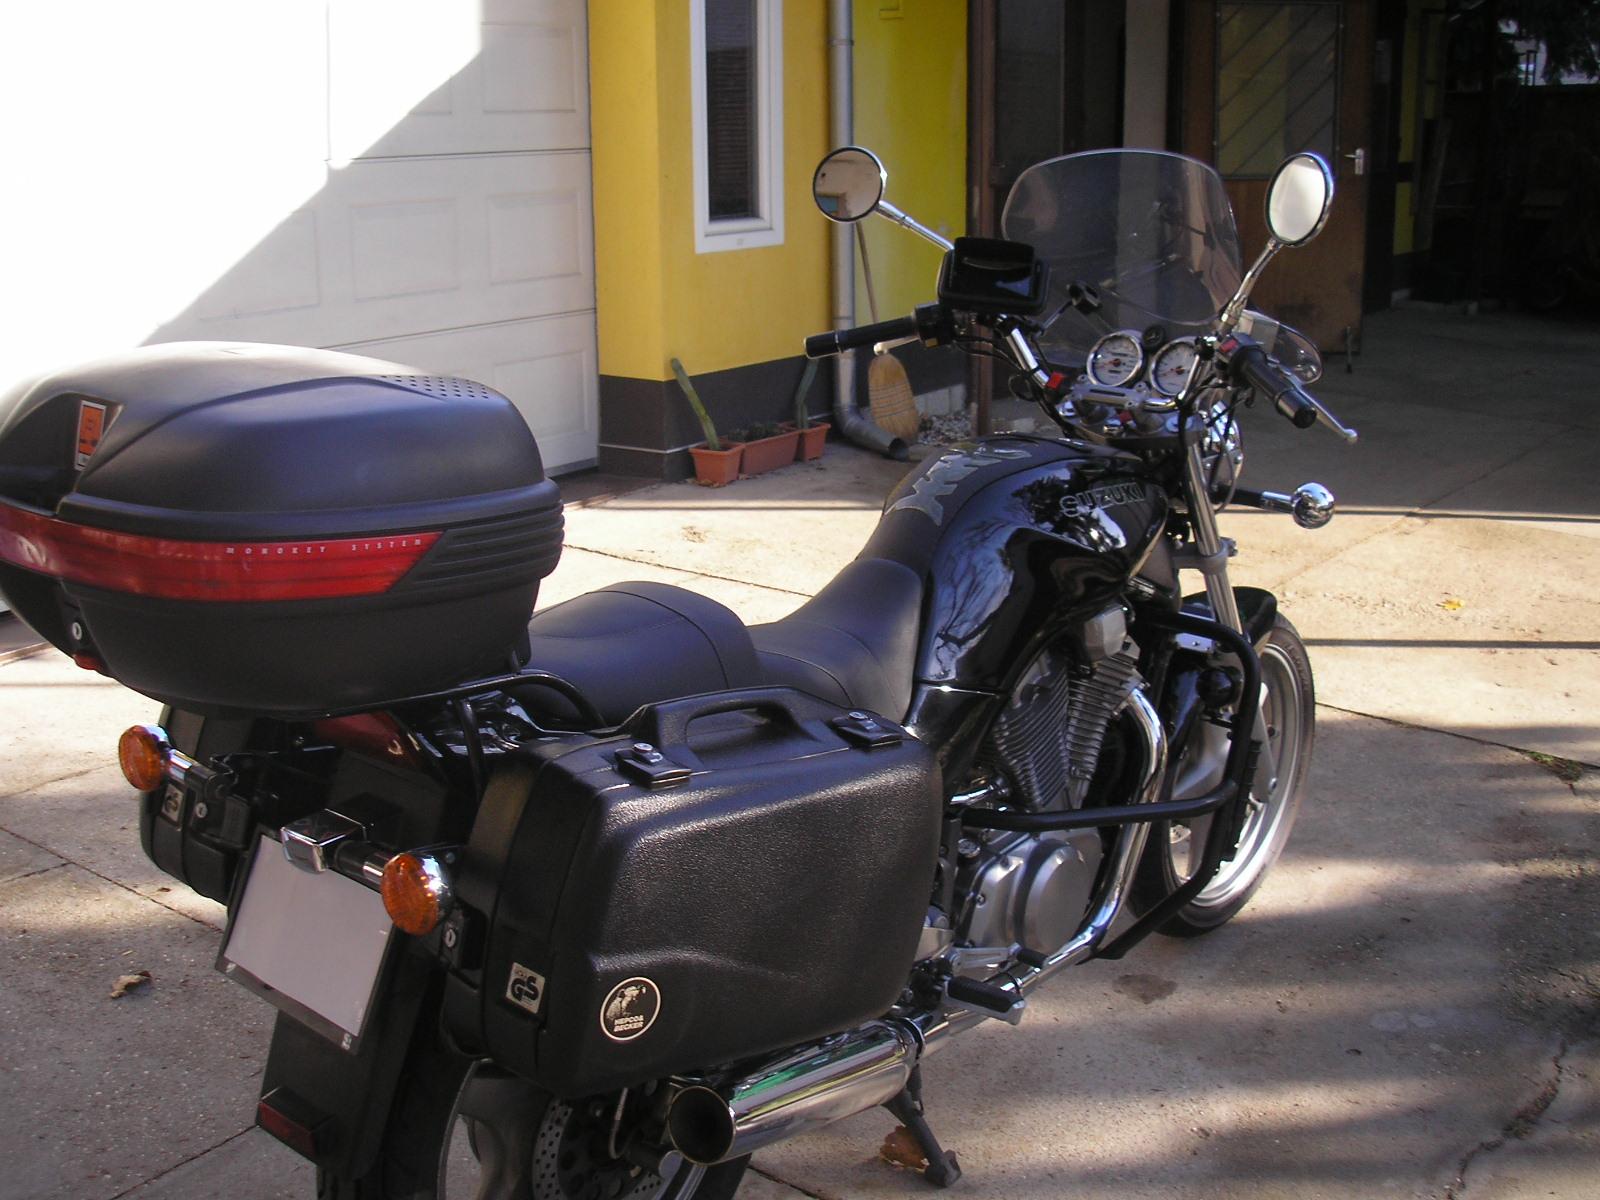 SUZUKI VX800, 3. kép